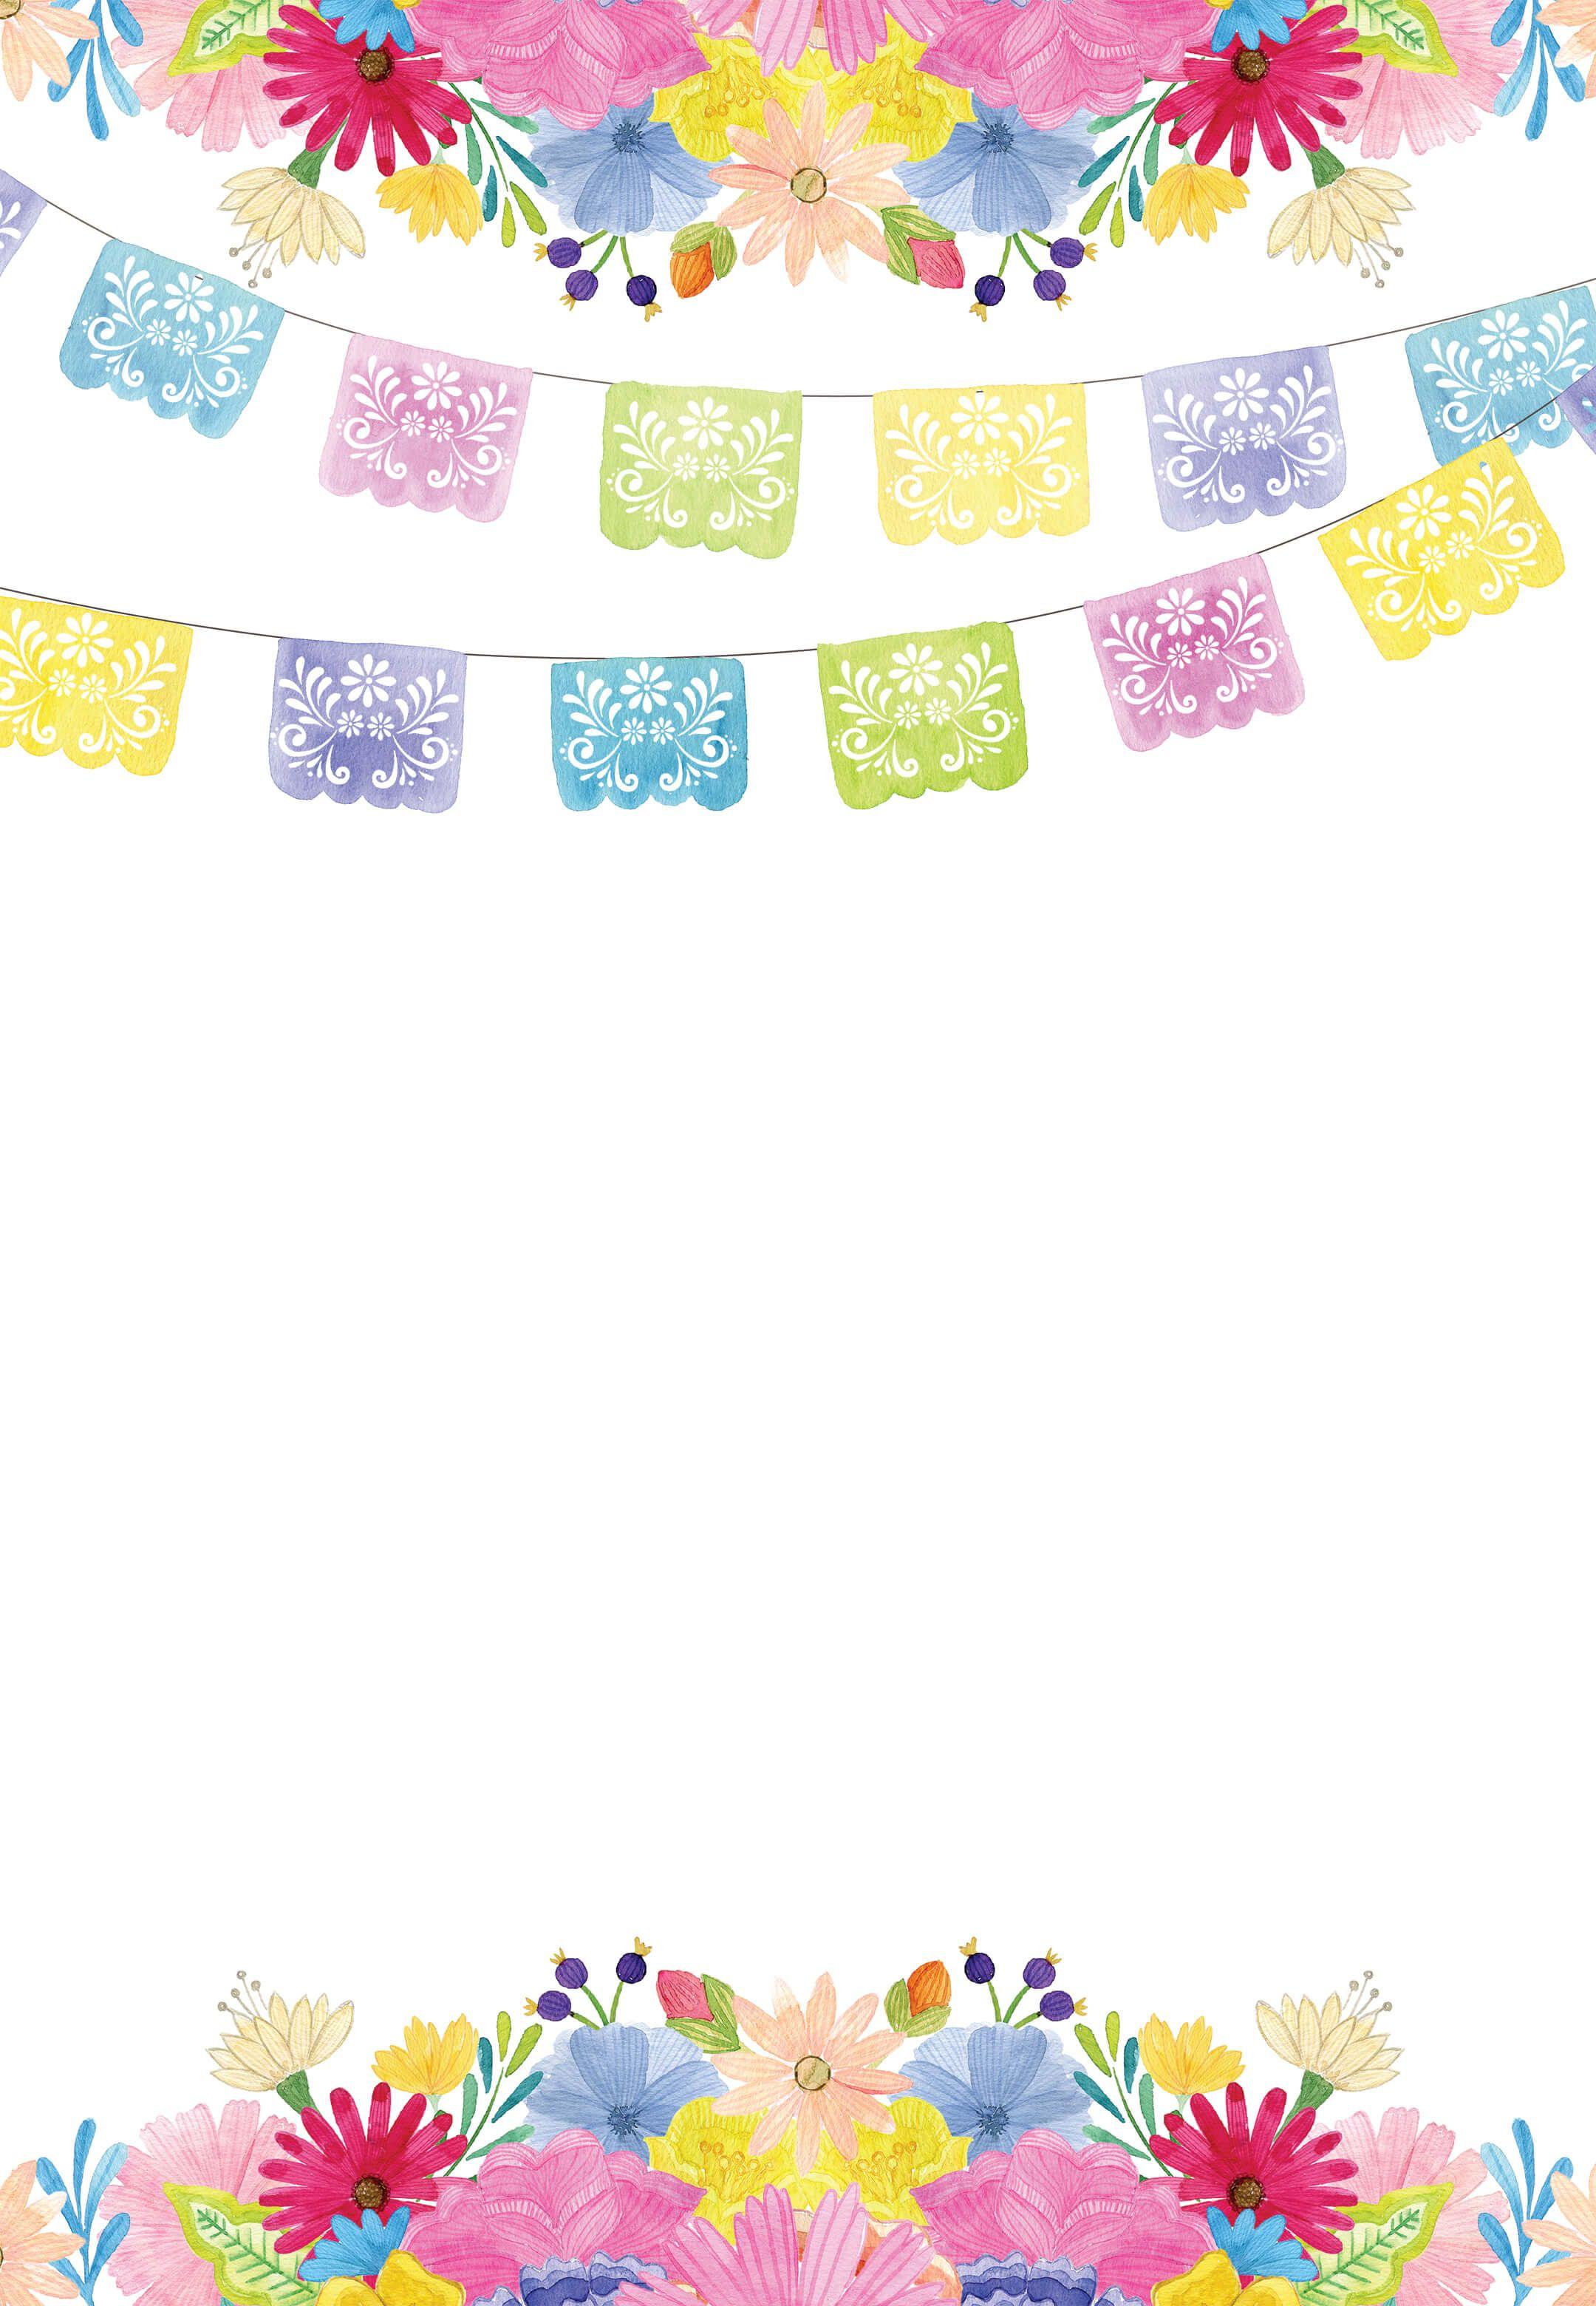 Flags And Flowers Invitacion De Cumpleanos Greetings Island Manualidades Fondos Para Invitacion Invitaciones Mexicanas Pngtree ofrece más de invitaciones de 15 años png e imágenes vectoriales, así como imágenes. pinterest